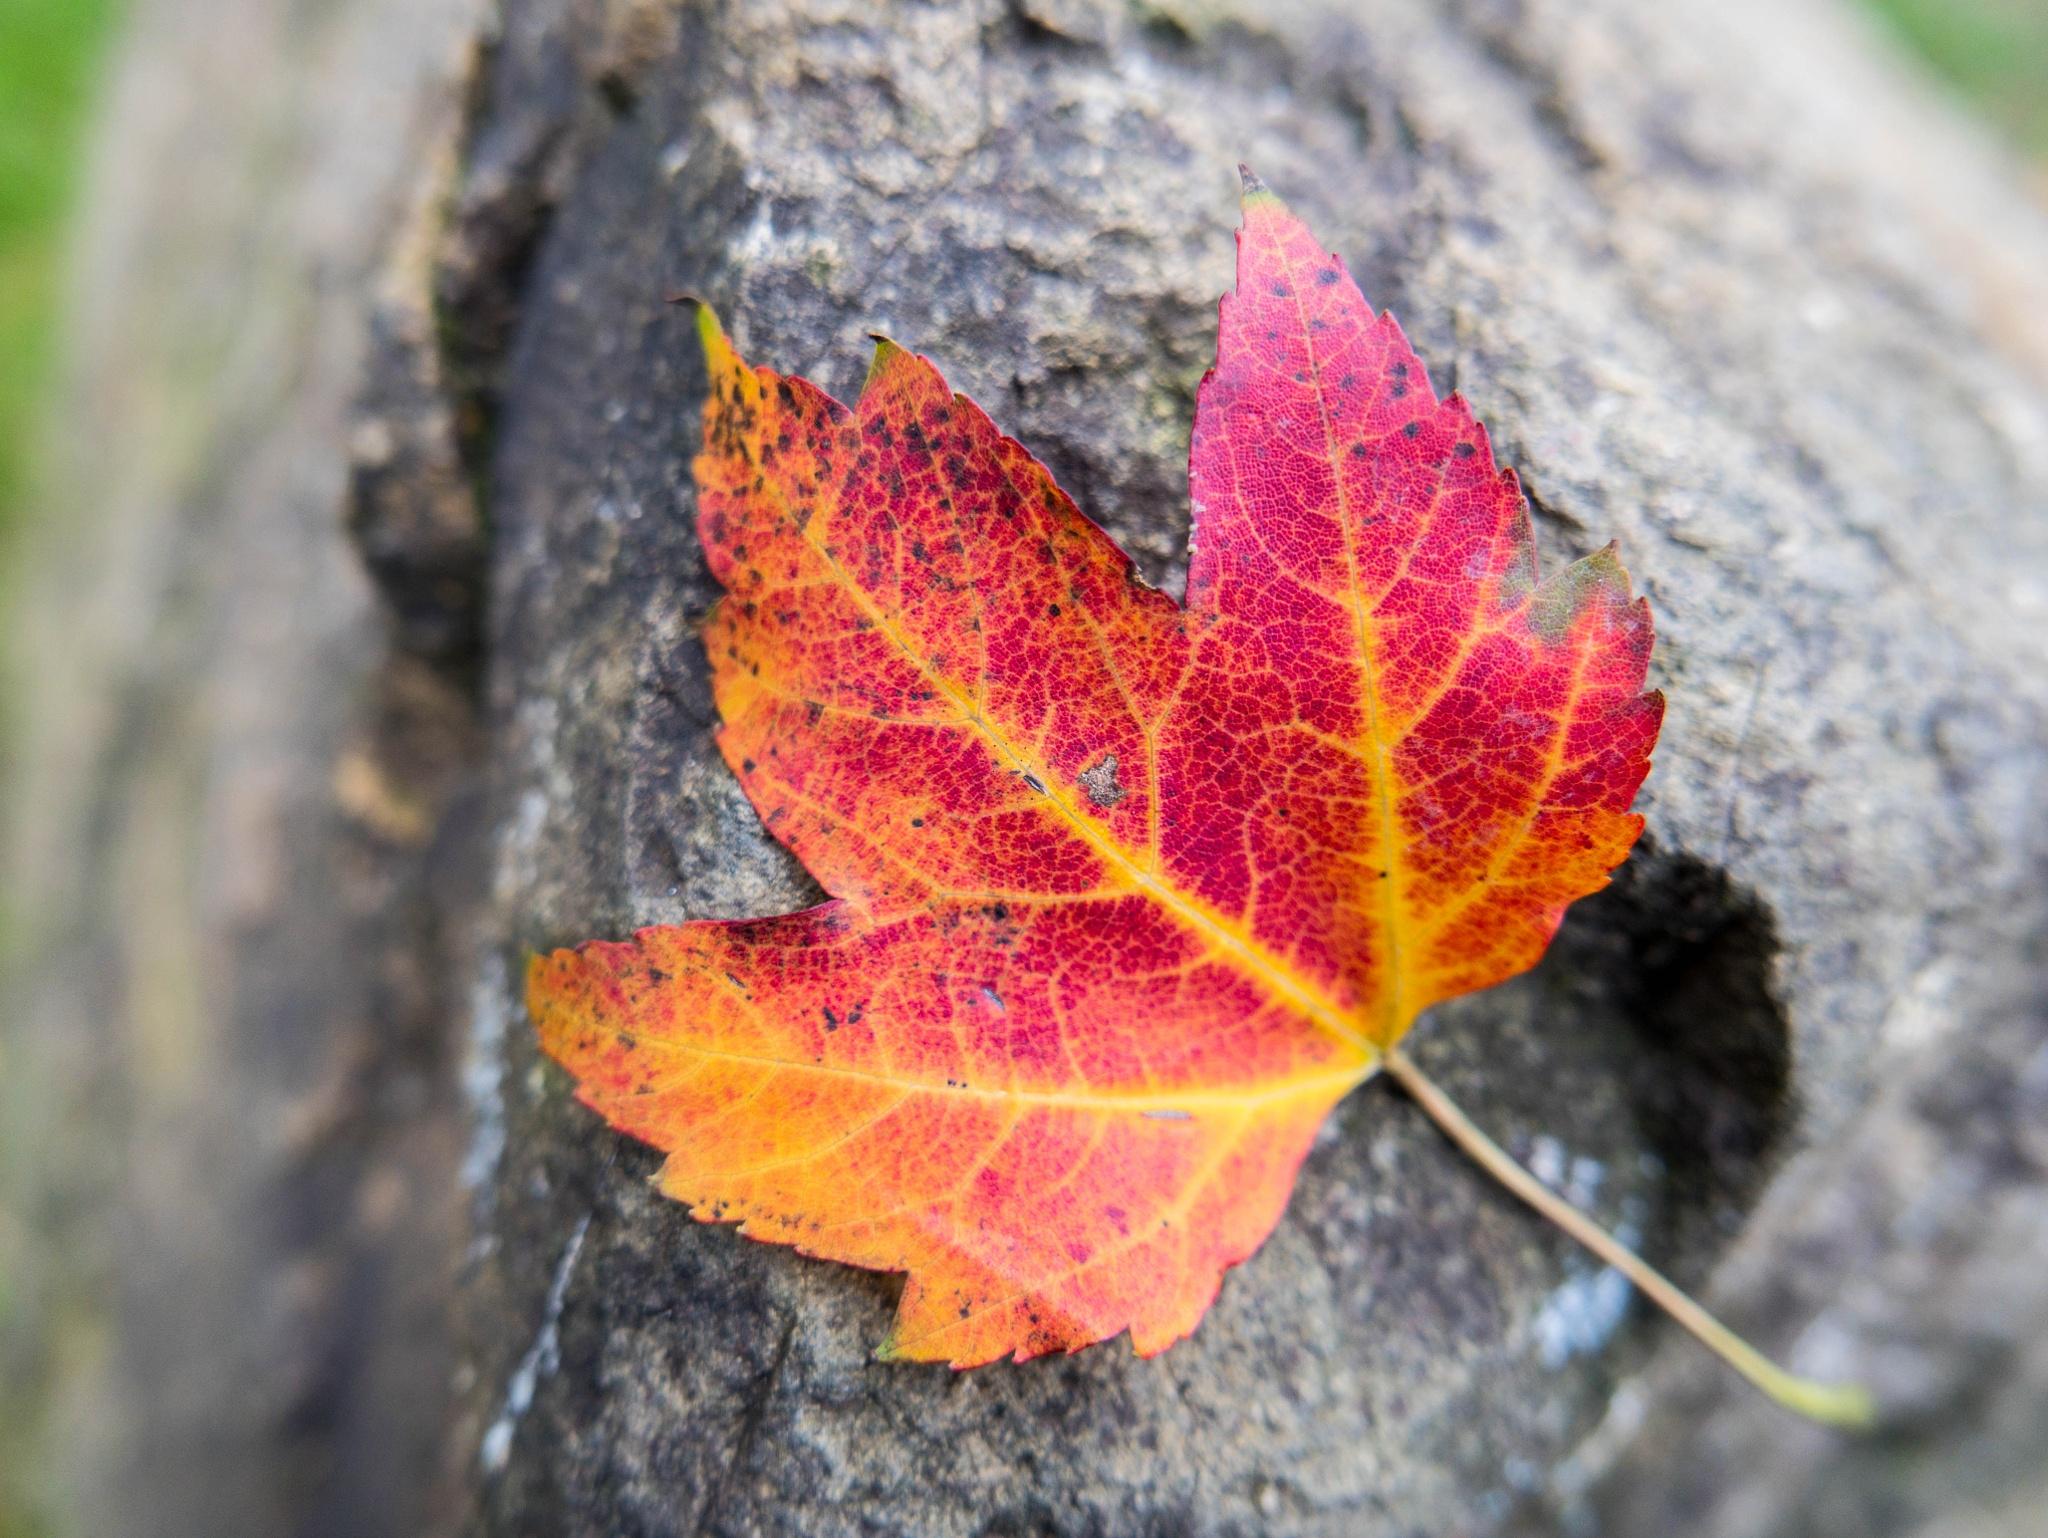 Red Leaf by hbilgen